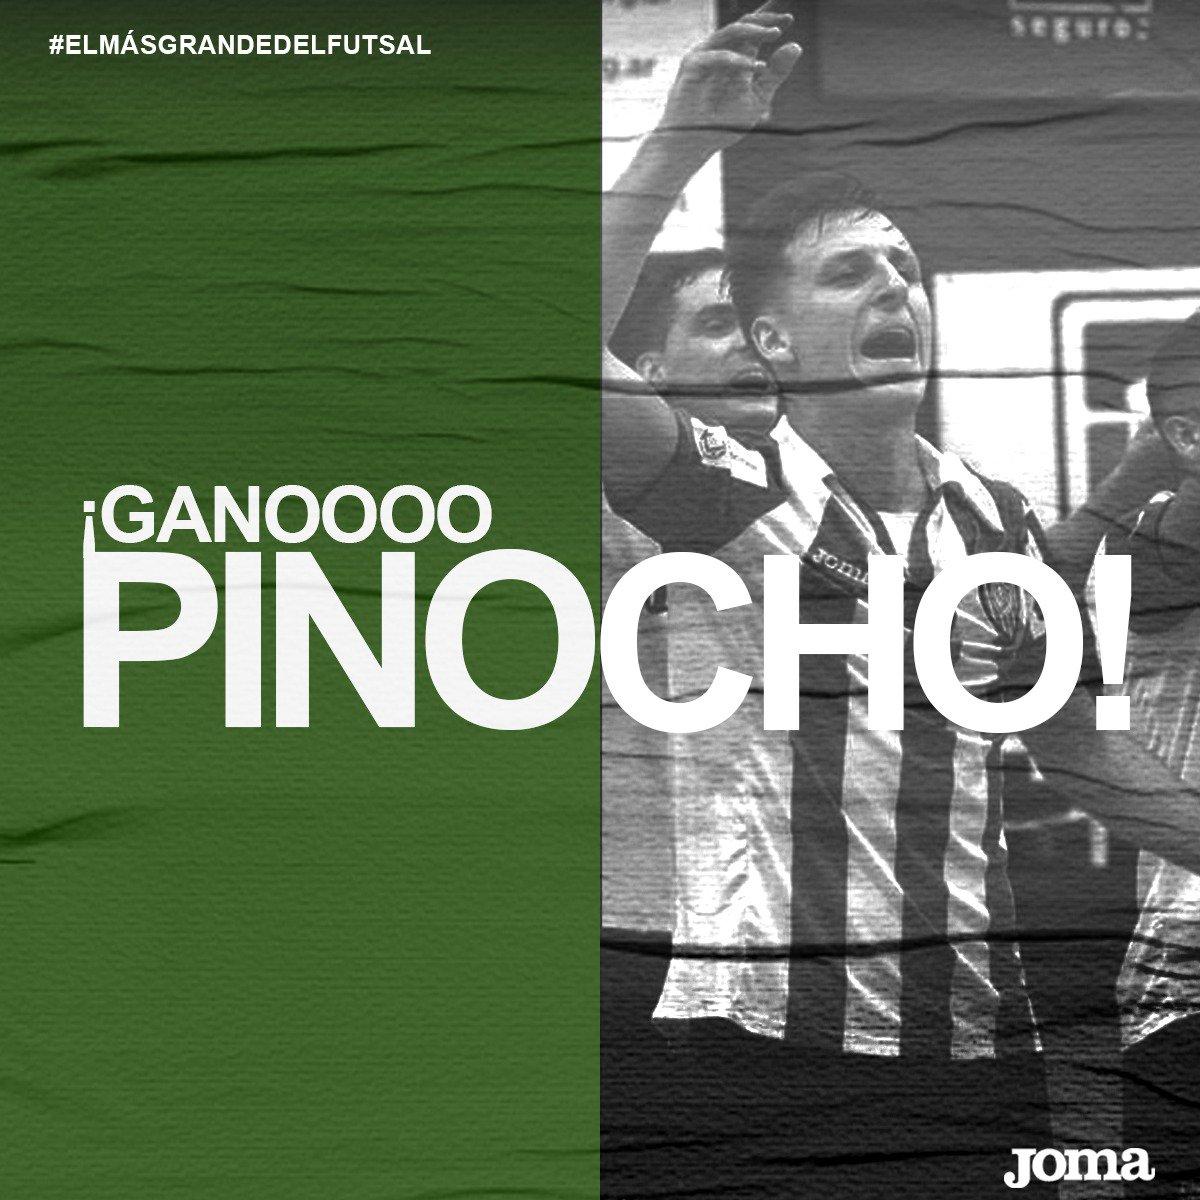 FINAL DEL PARTIDO Pinocho 9 (Caamaño x2, Calo, Rolón x2, Spellanzon x2, Corazza y Elías)-4 17 de Agosto.  #ElClasico es nuestro.